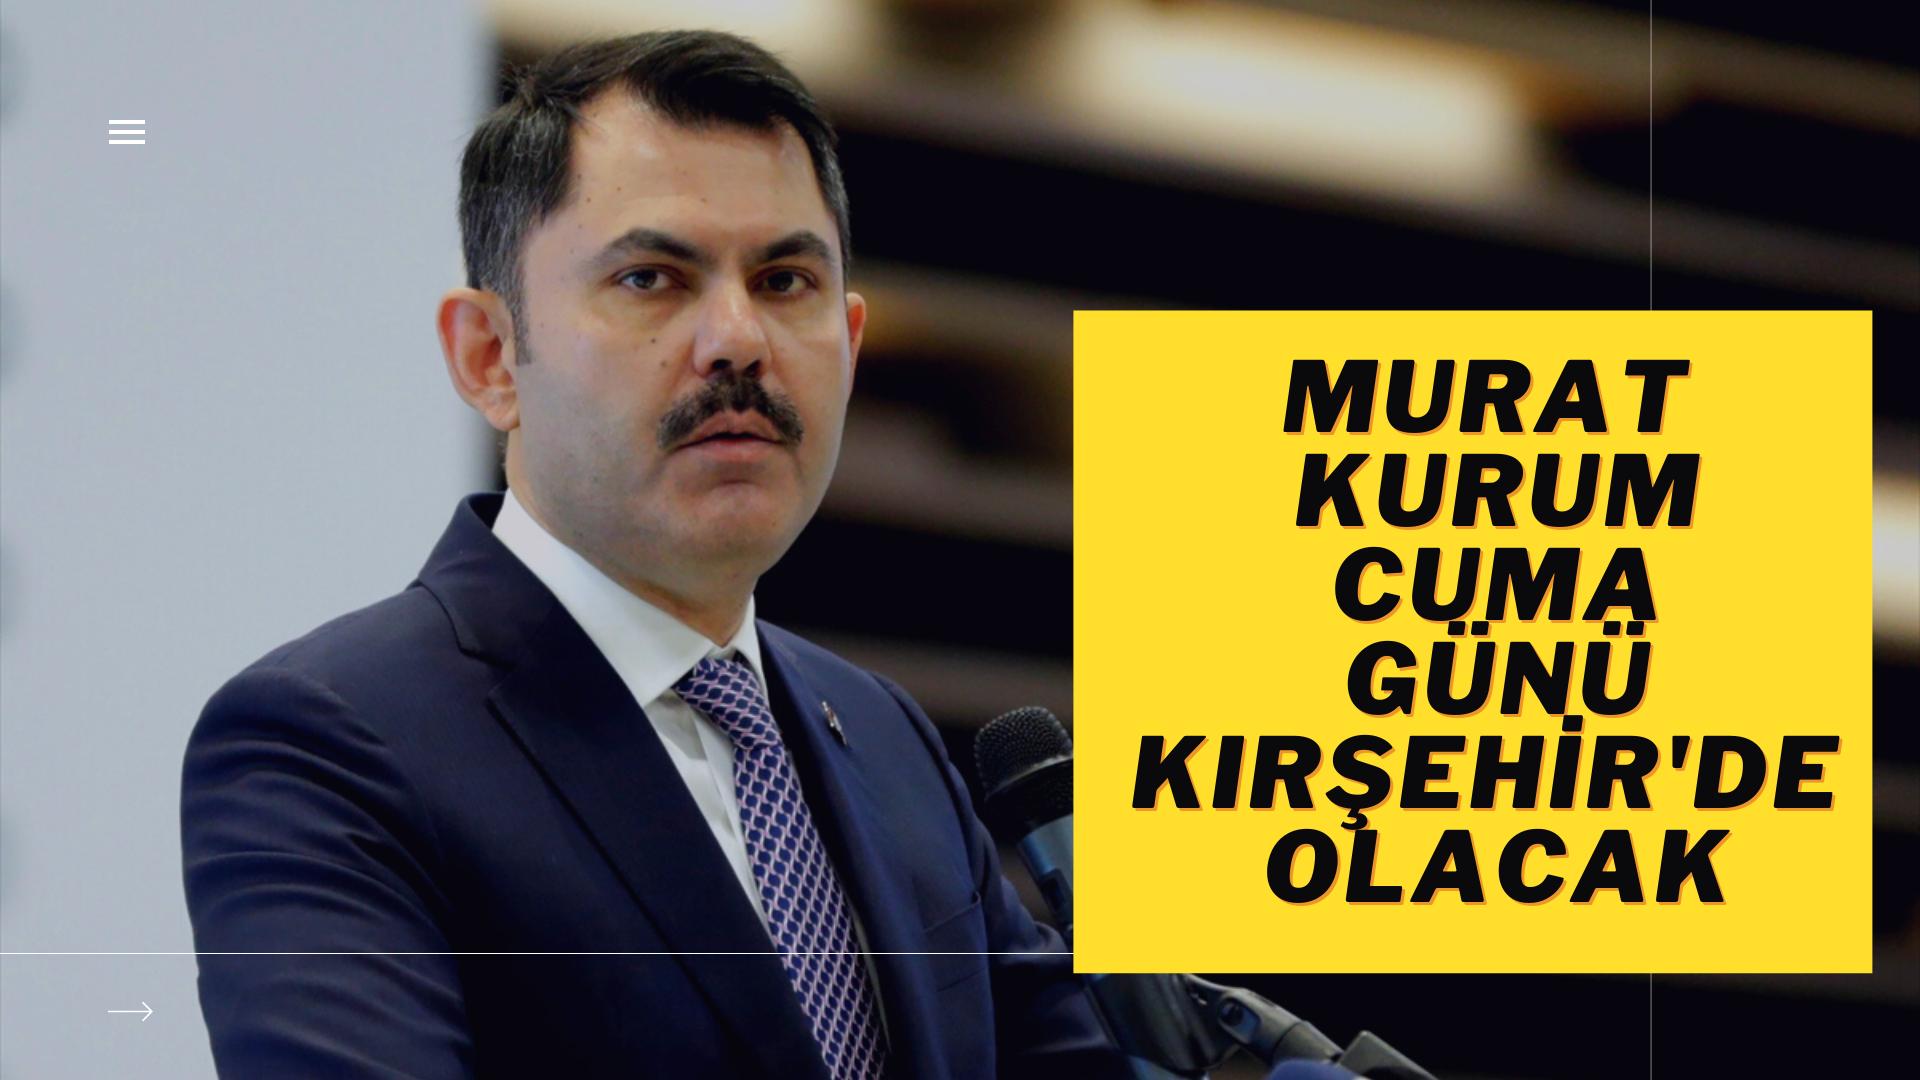 Bakan Kurum, Cuma günü Kırşehir'de olacak